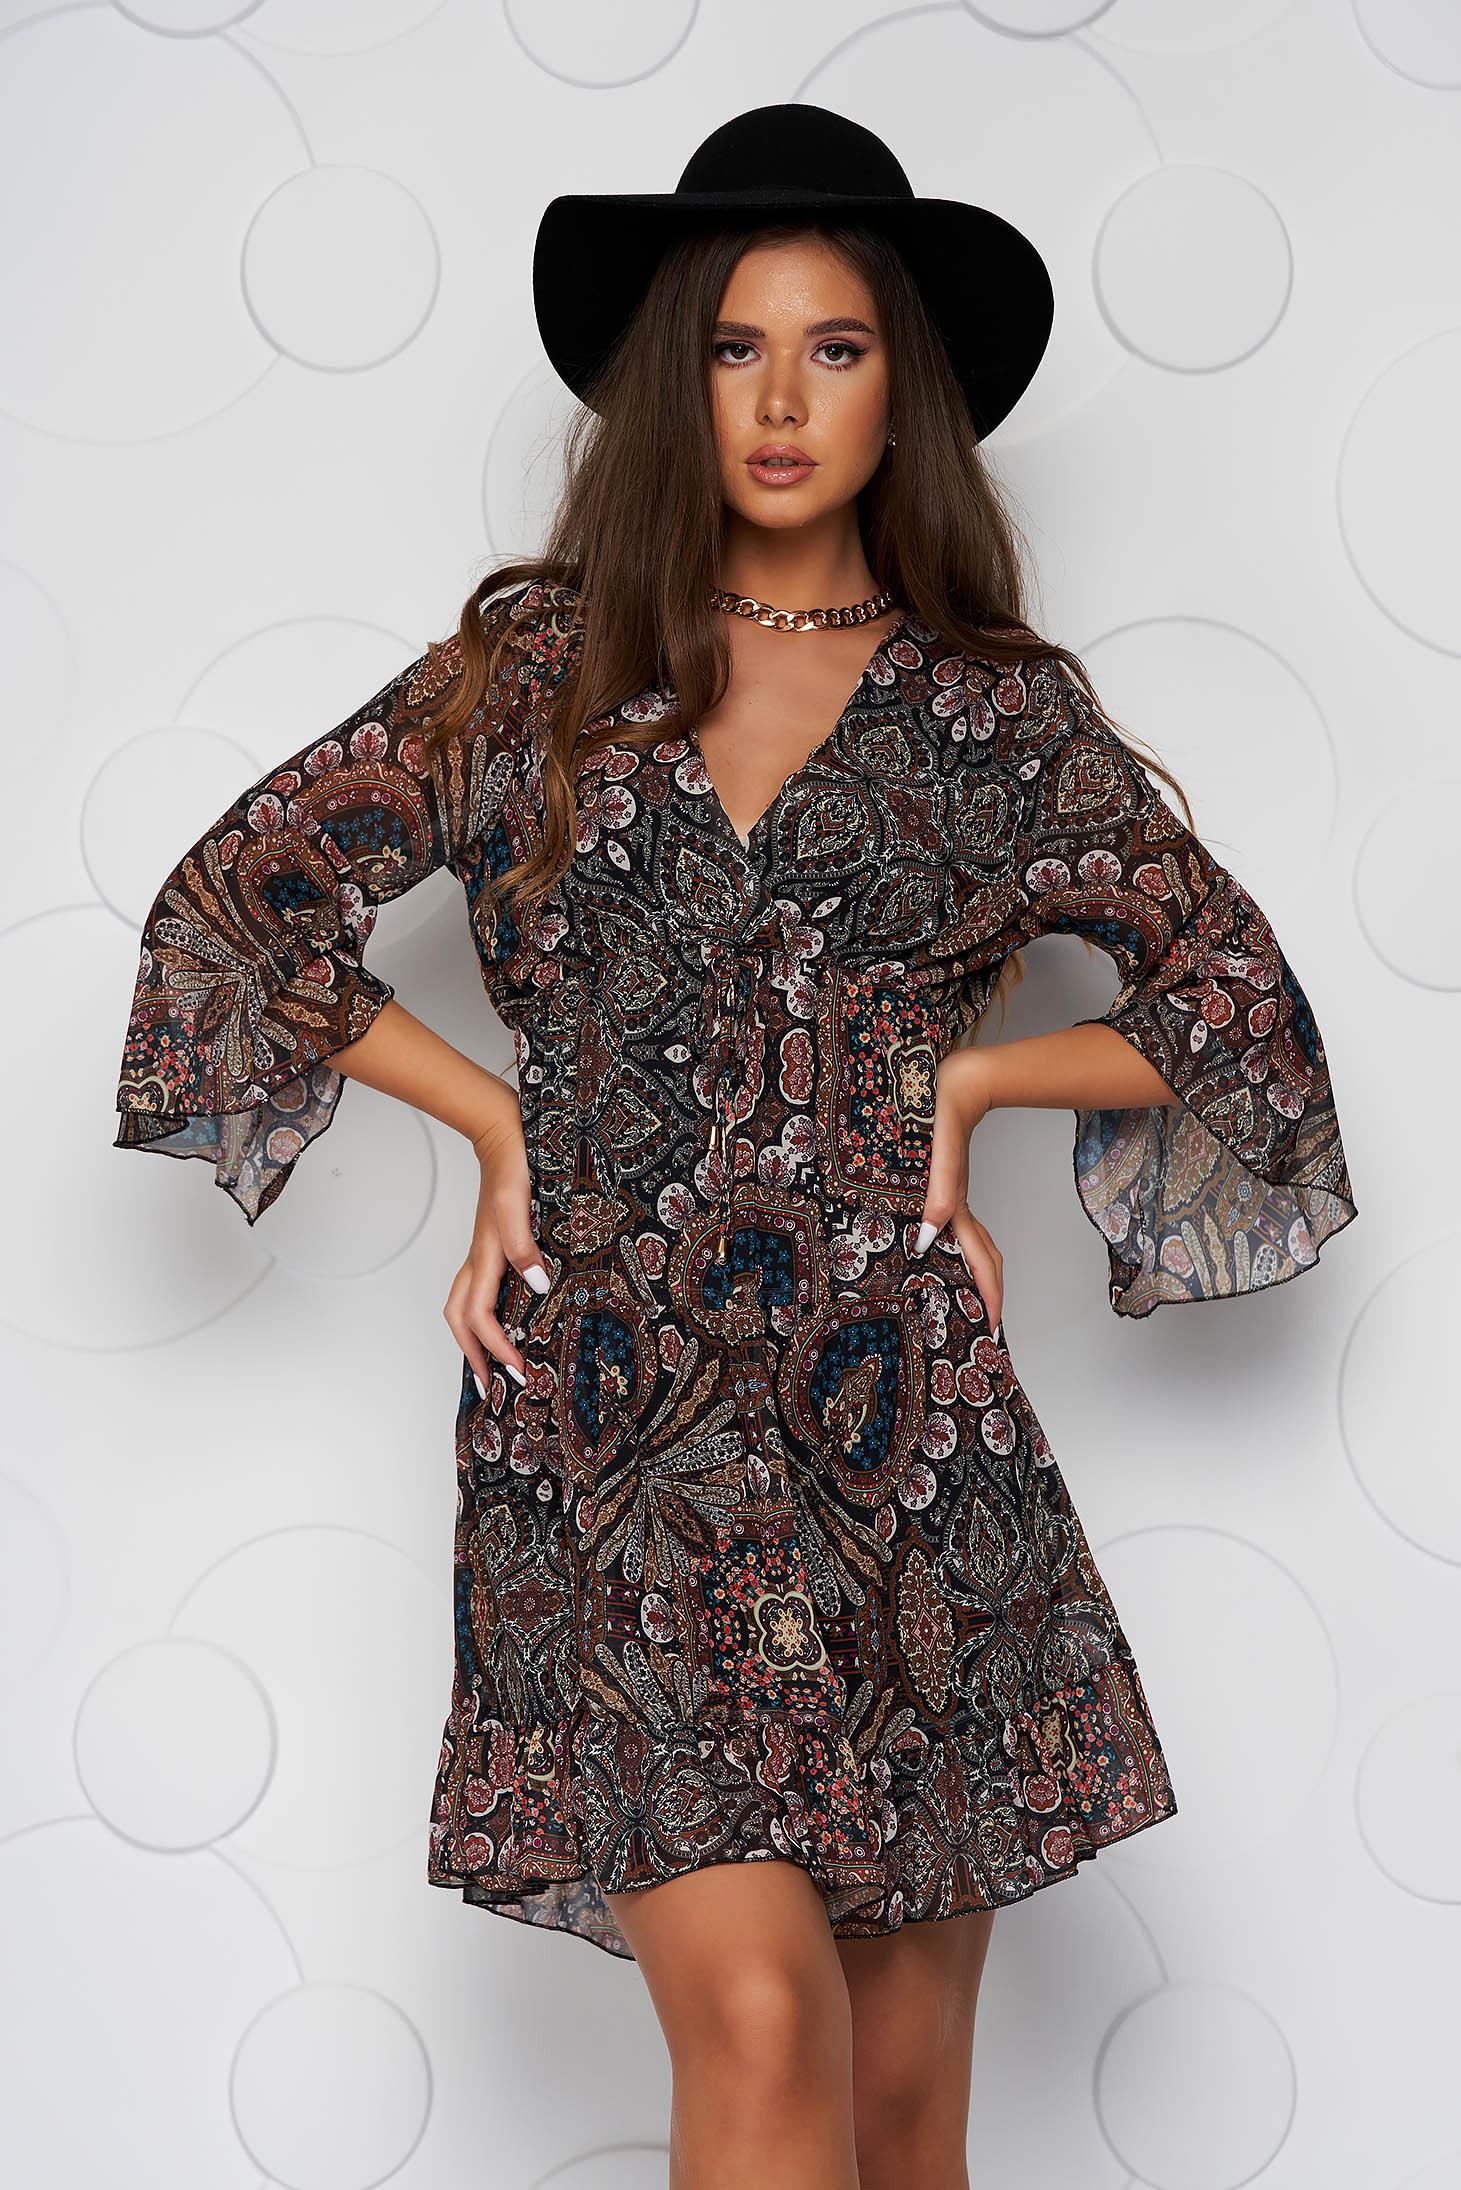 Casual vékony anyagú ruha harang alakú gumirozott derékrésszel, muszlin bővülő ujjakkal és fodrokkal a ruha alján